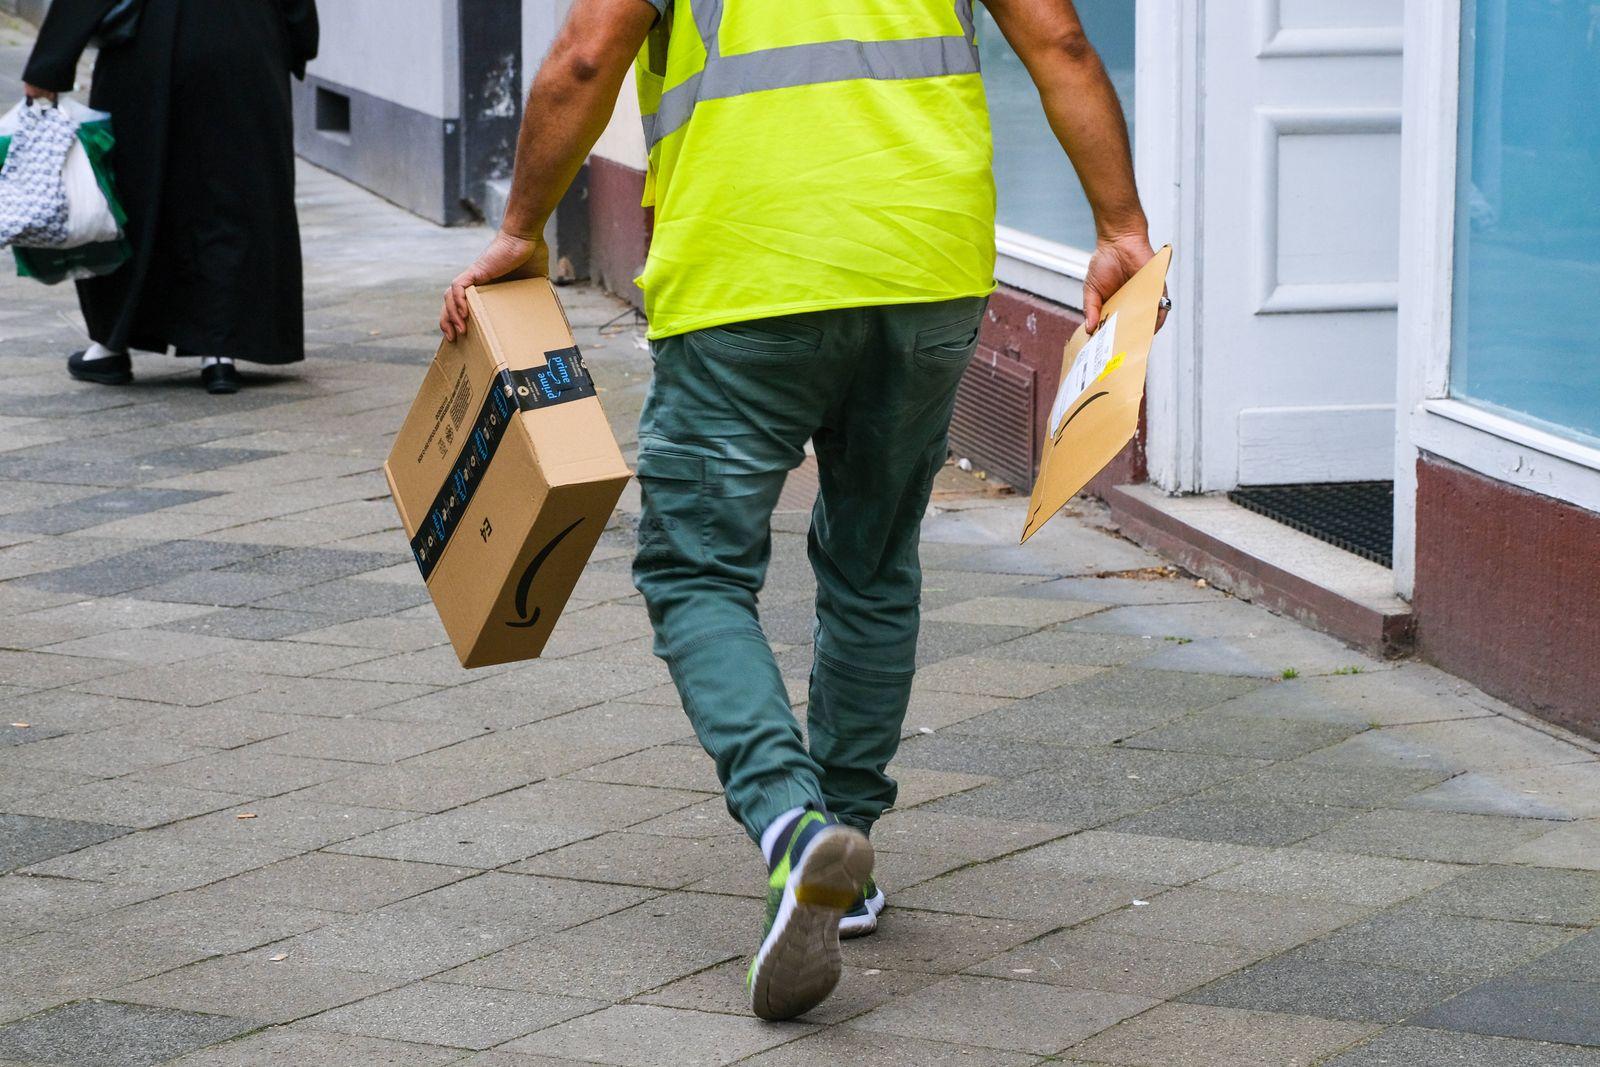 Düsseldorf 07.06.2021 Amazon Onway Paket Pakete Amazon Retouren Retoure CO2 Online shoppen einkaufen onlineshopping Int